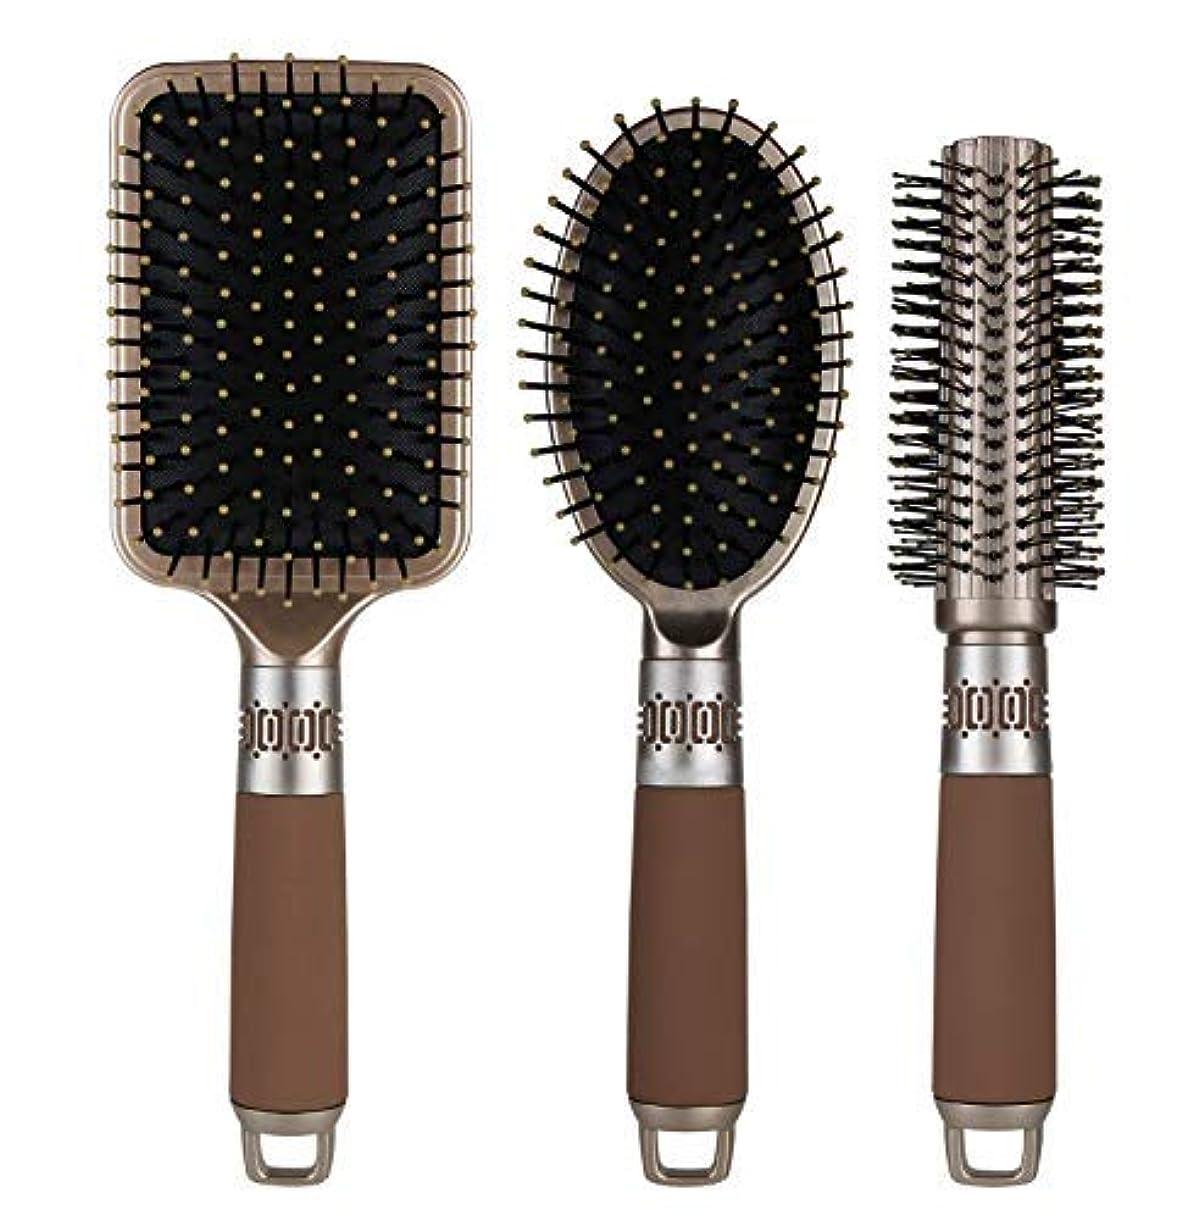 踏み台樹木貸すNVTED 3PCS Hair Combs, Massage Paddle Round Brush Hair Brushes Set Anti Static Detangling Air Cushion Bristle...